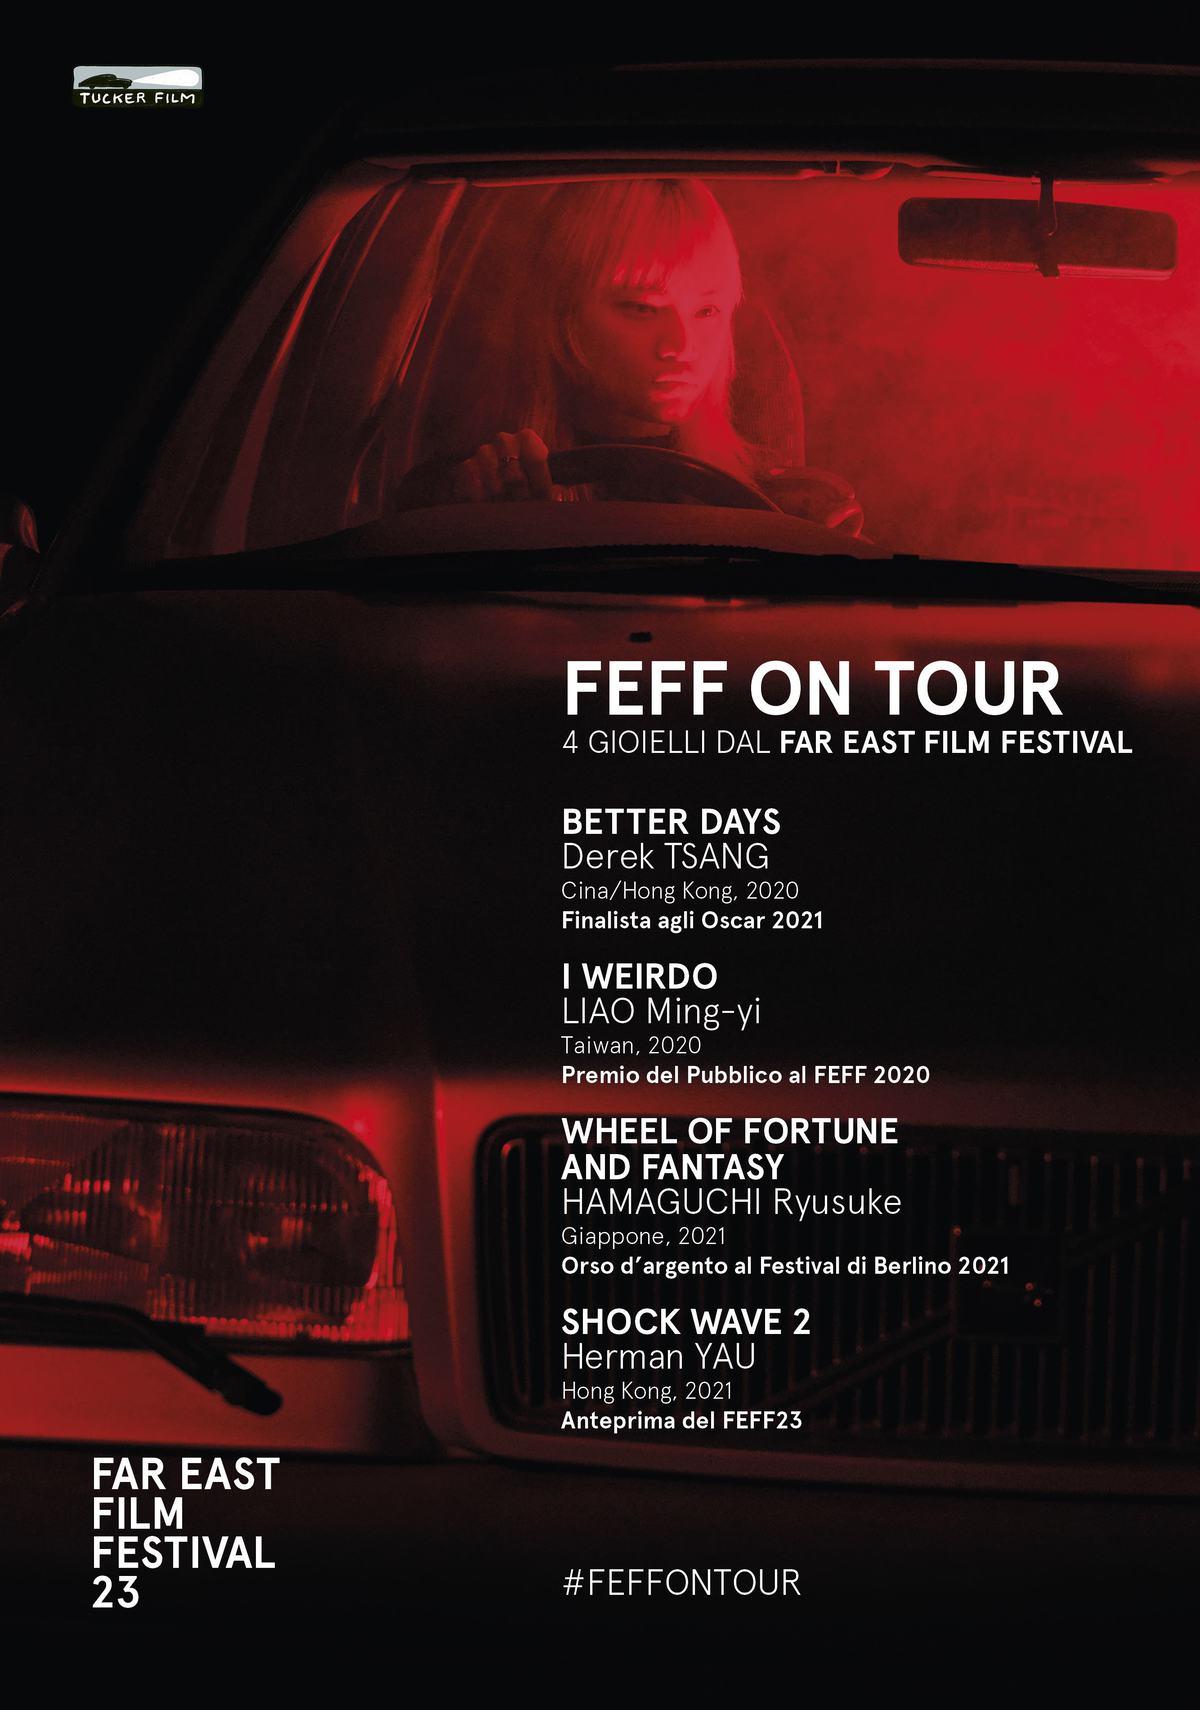 FEFF on Tour